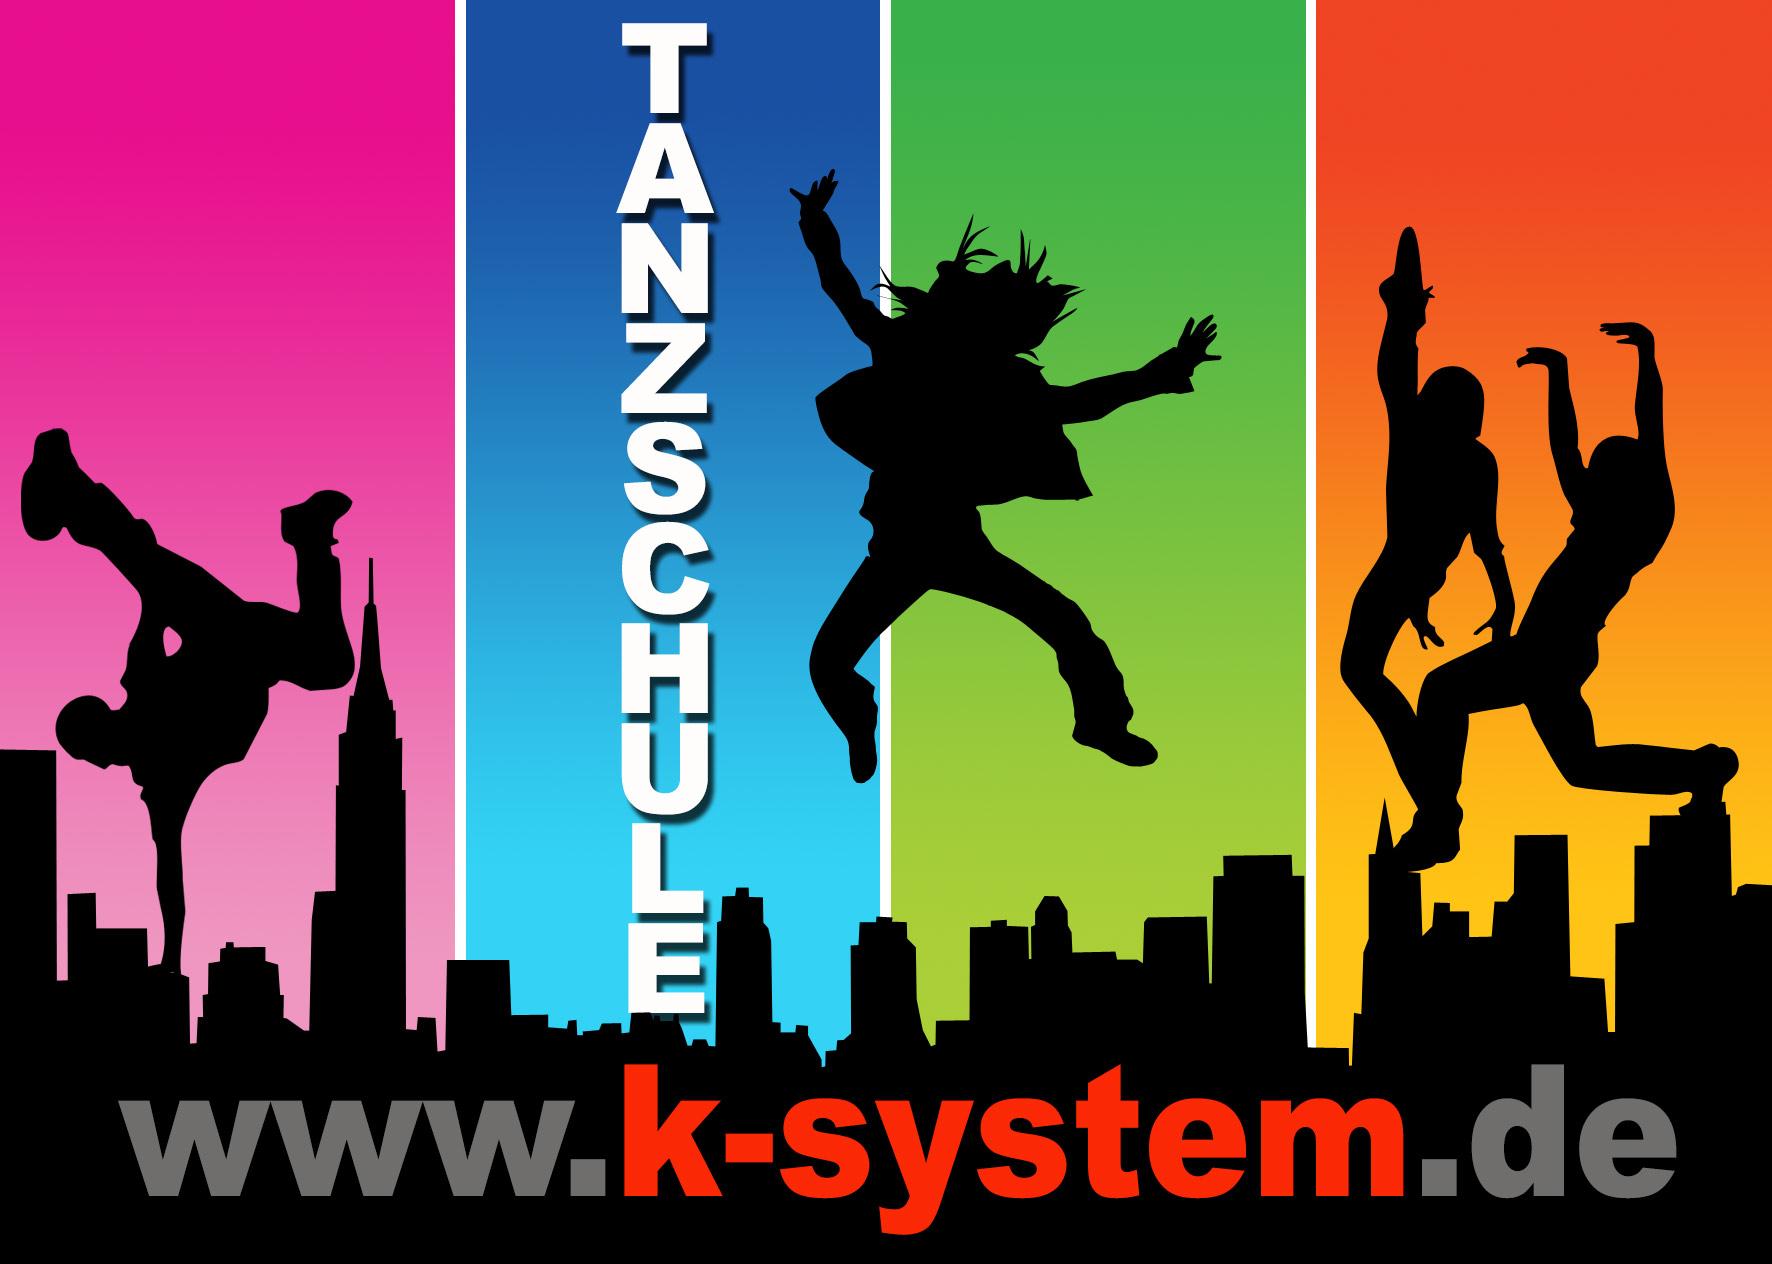 Tanzschule K-System in Kiel